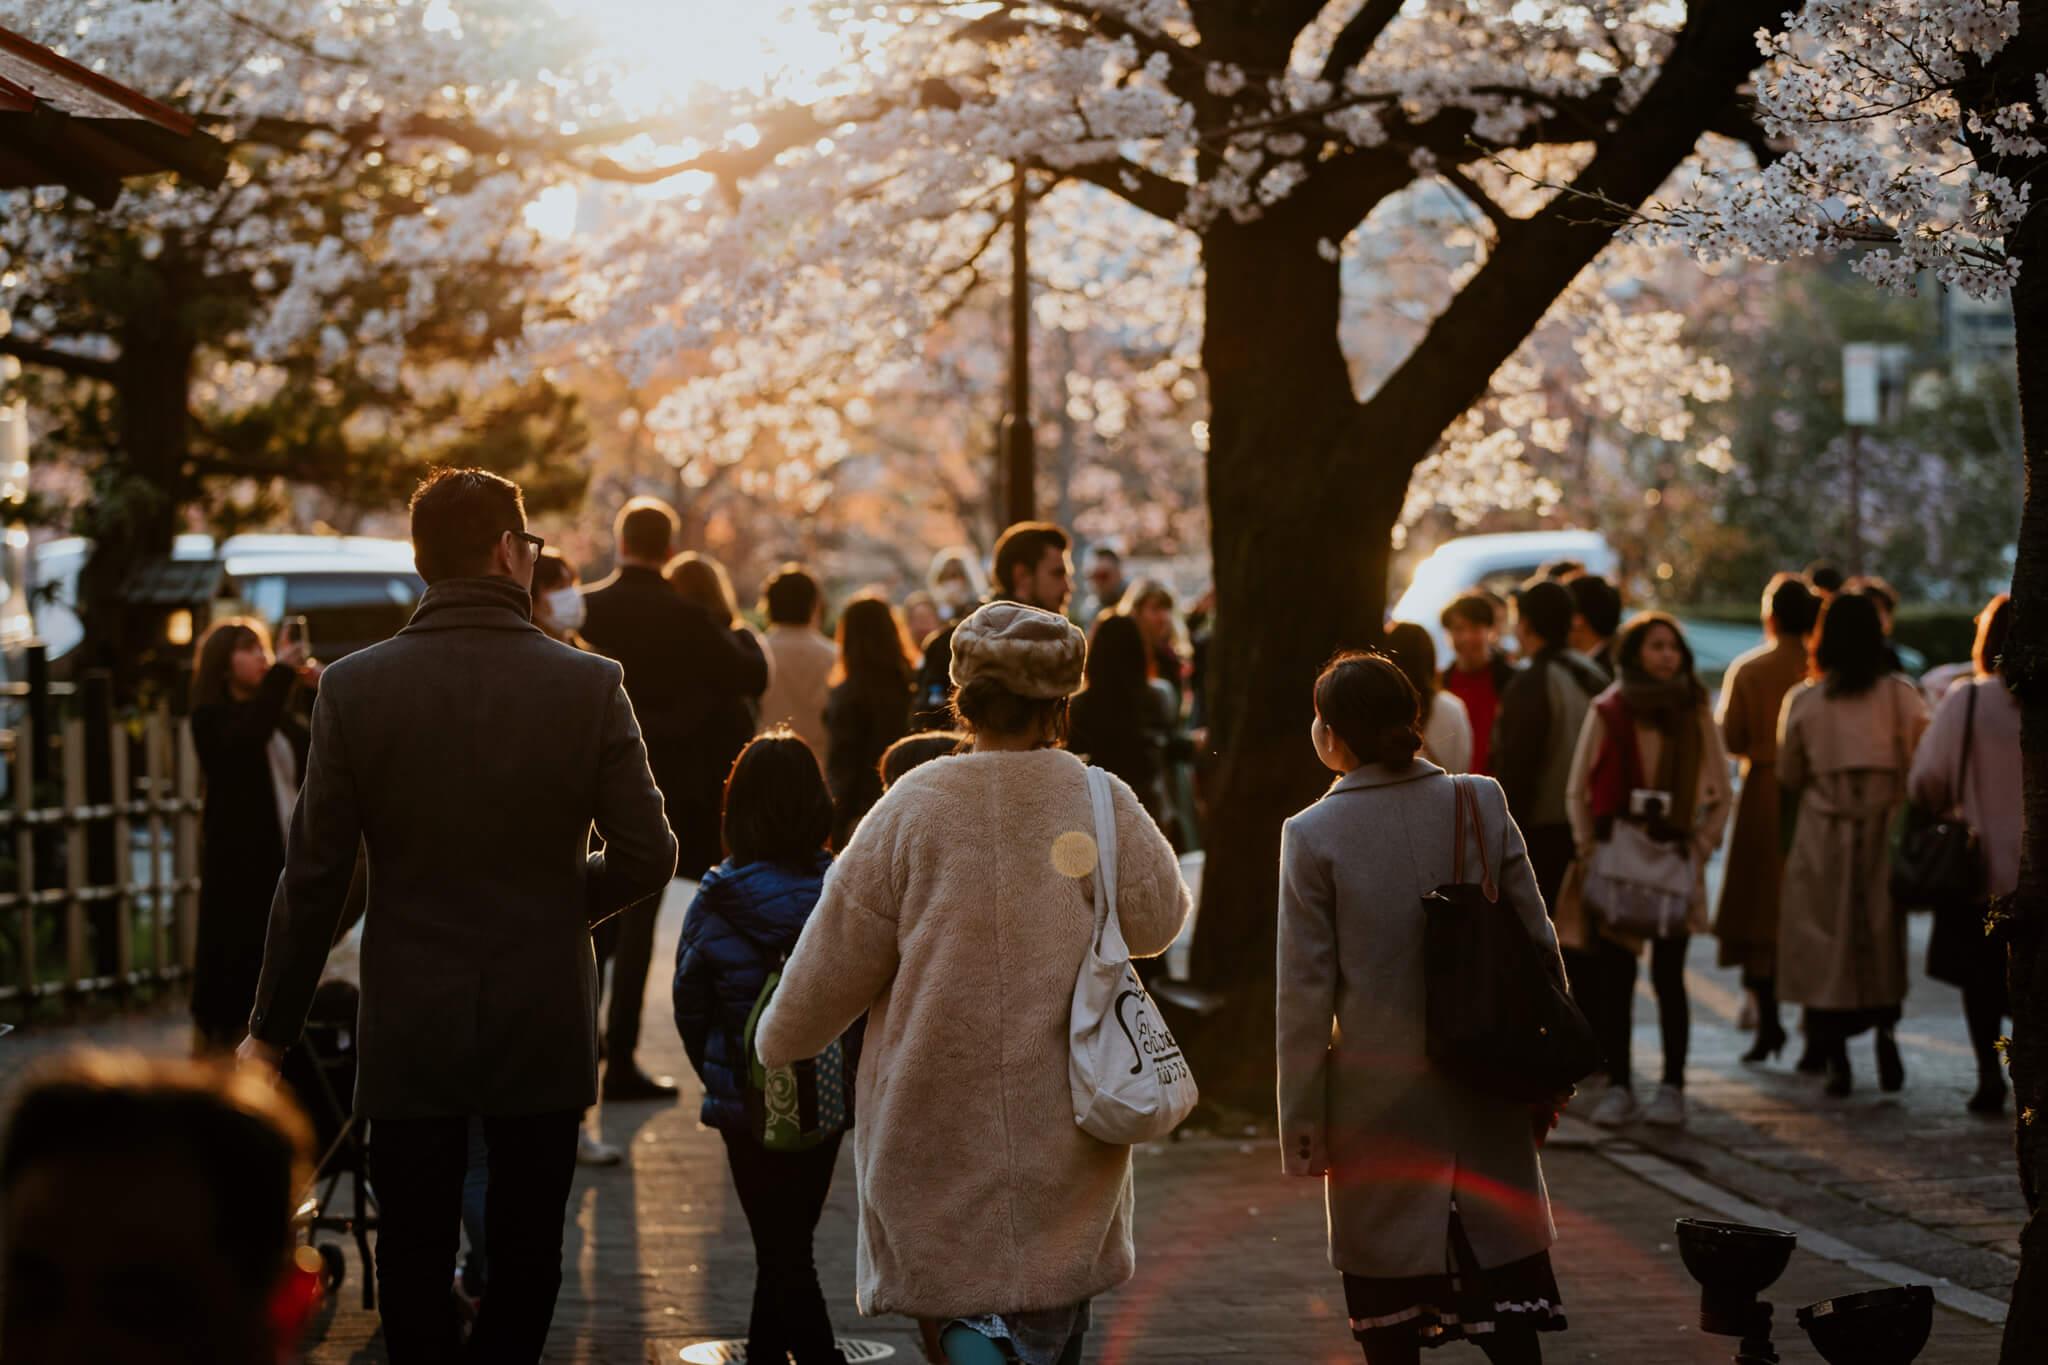 Japan-Travel-Photography-Natalie-Skoric-15.jpg